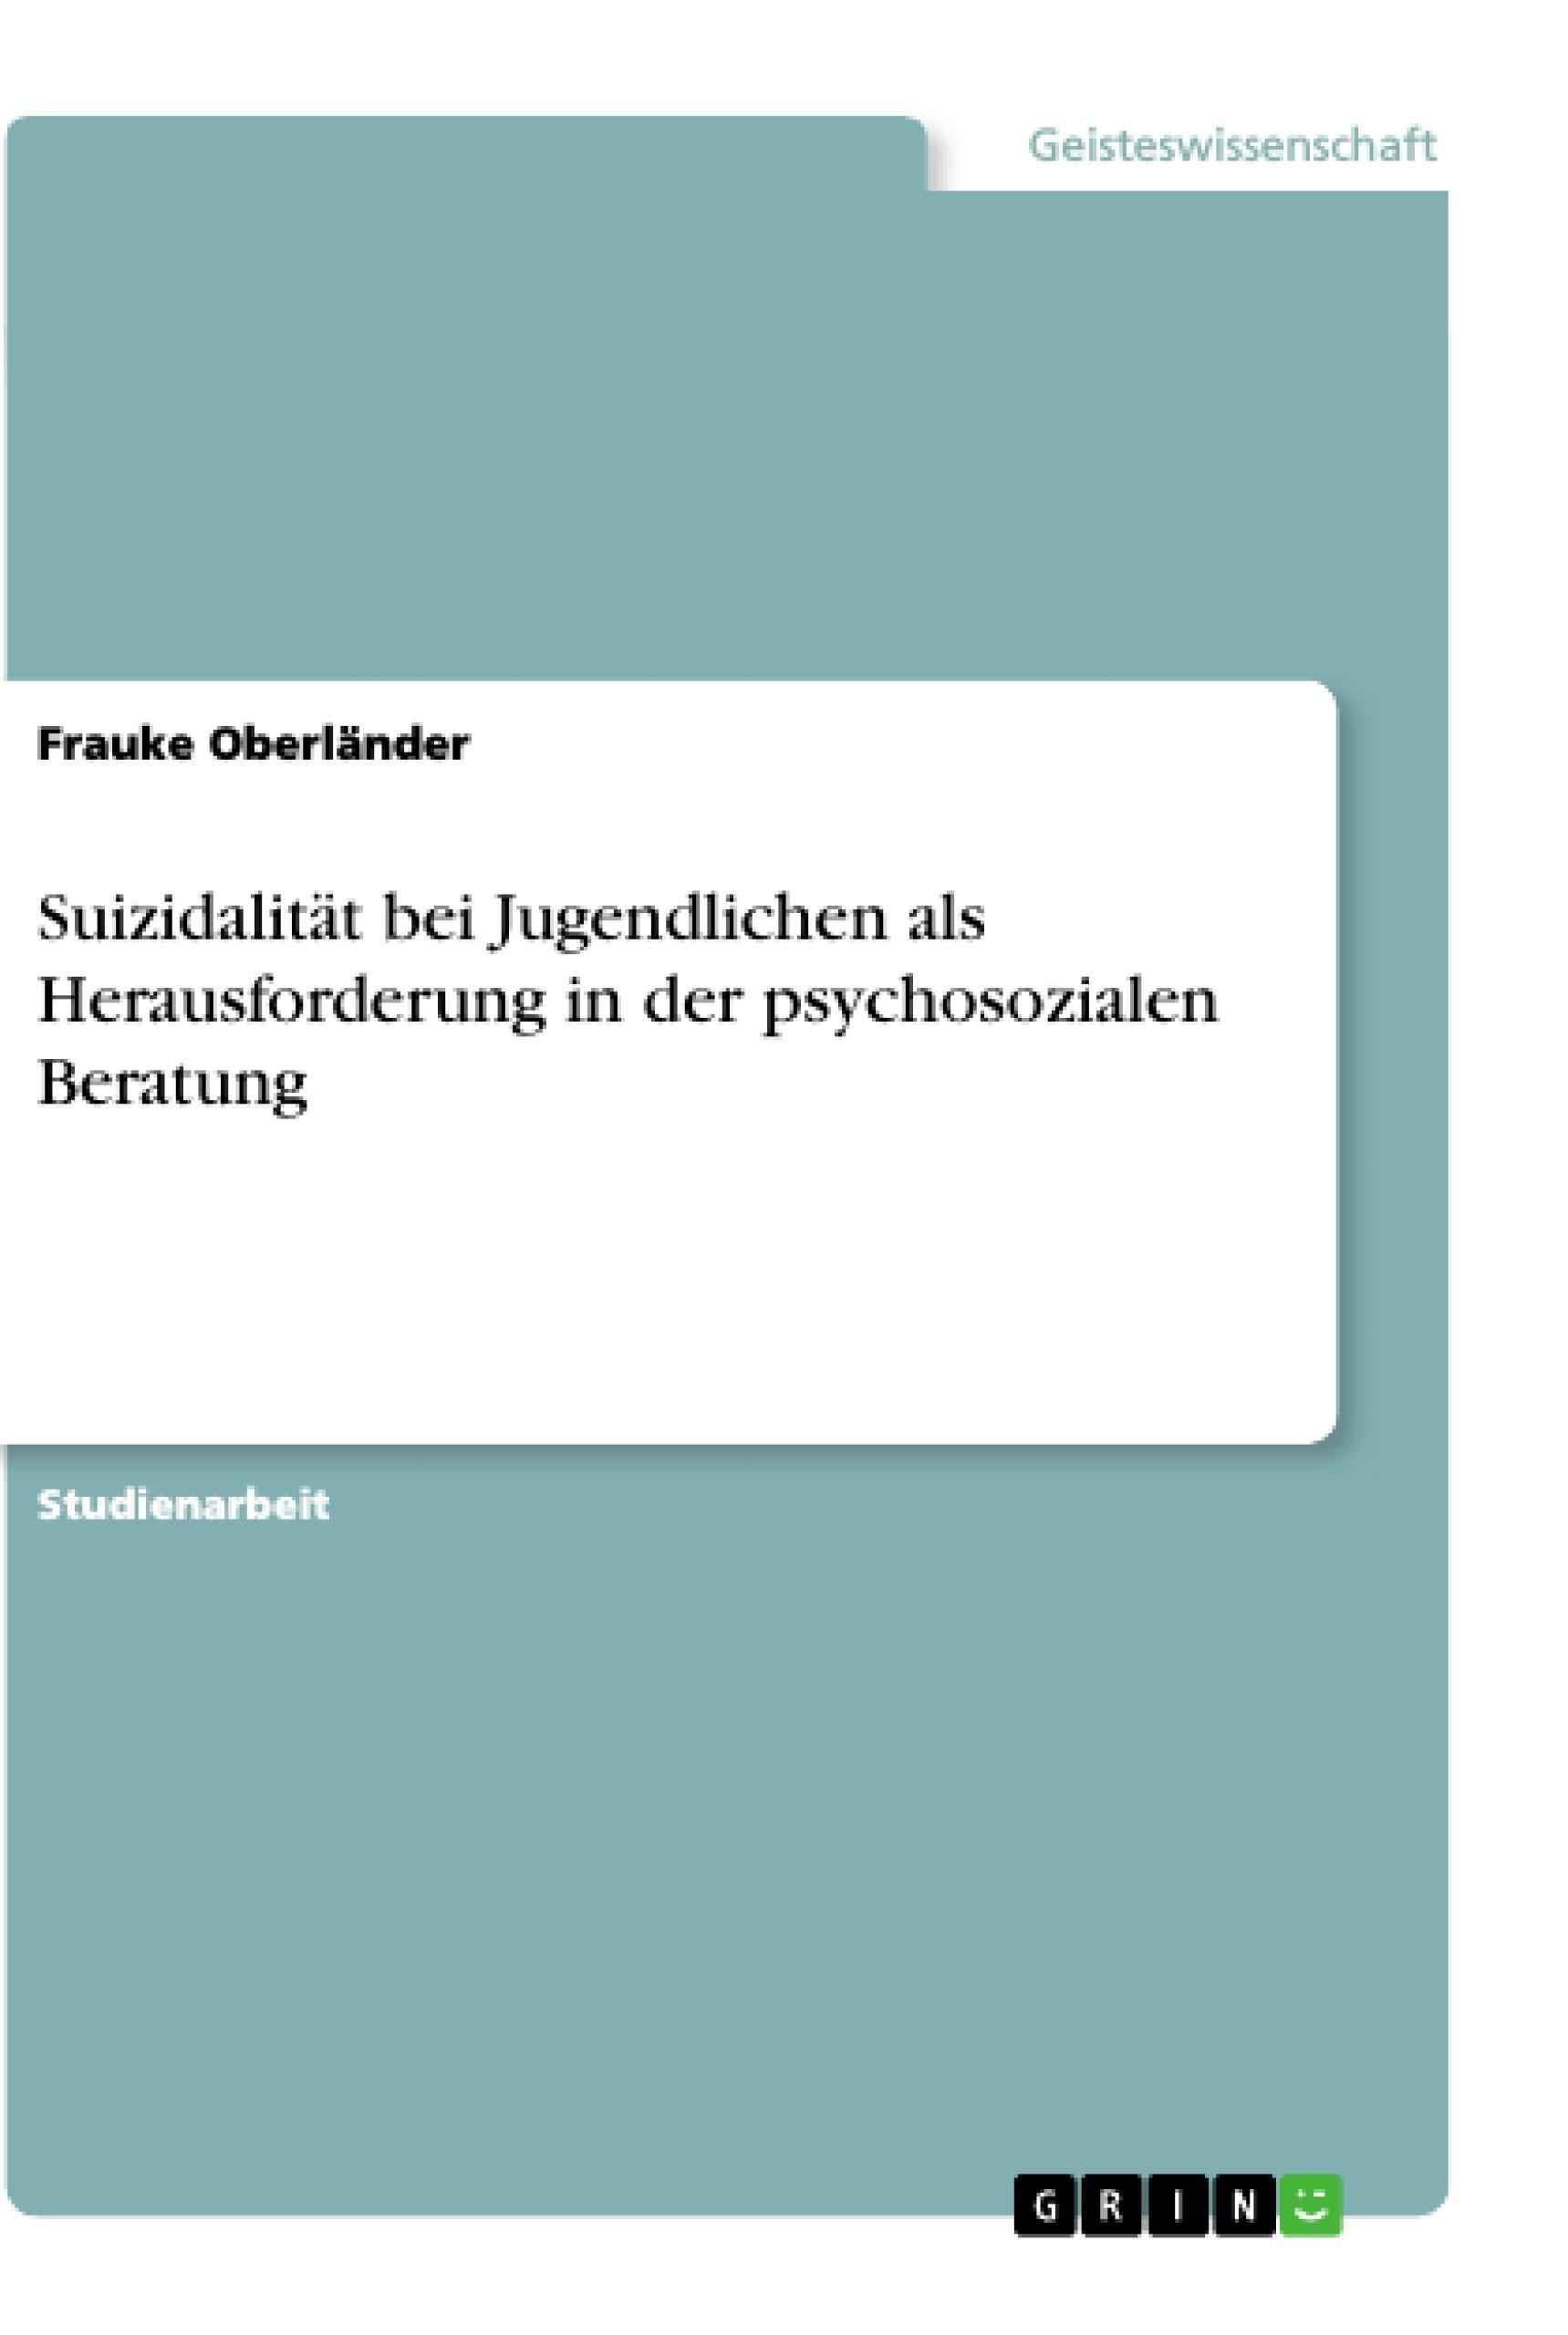 Titel: Suizidalität bei Jugendlichen als Herausforderung in der psychosozialen Beratung